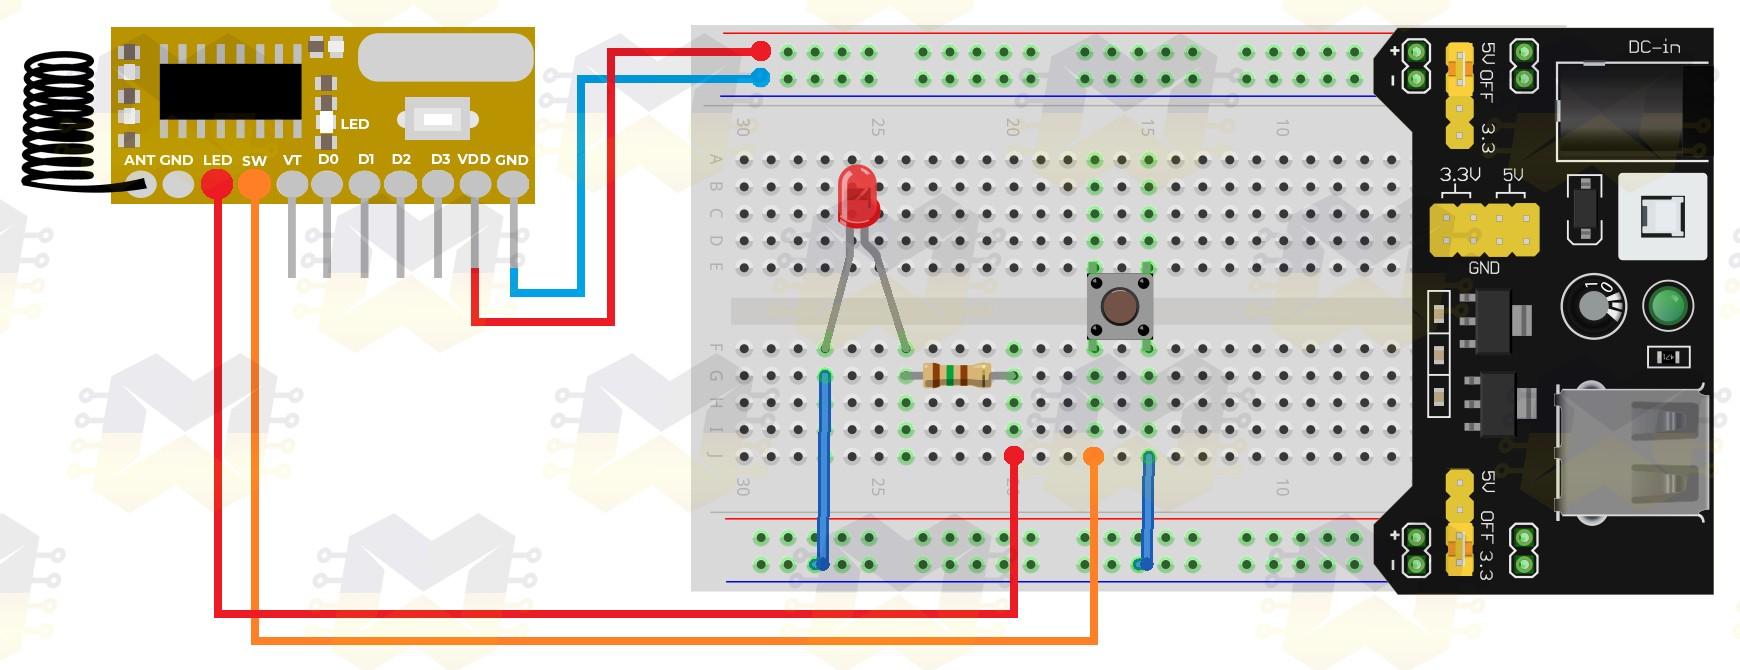 img05_conhecendo_modulo_rxc6_receptor_wireless_superheterodino_rf_433mhz_arduino_esp8266_esp32_controle_remoto_ev1527_pt2262